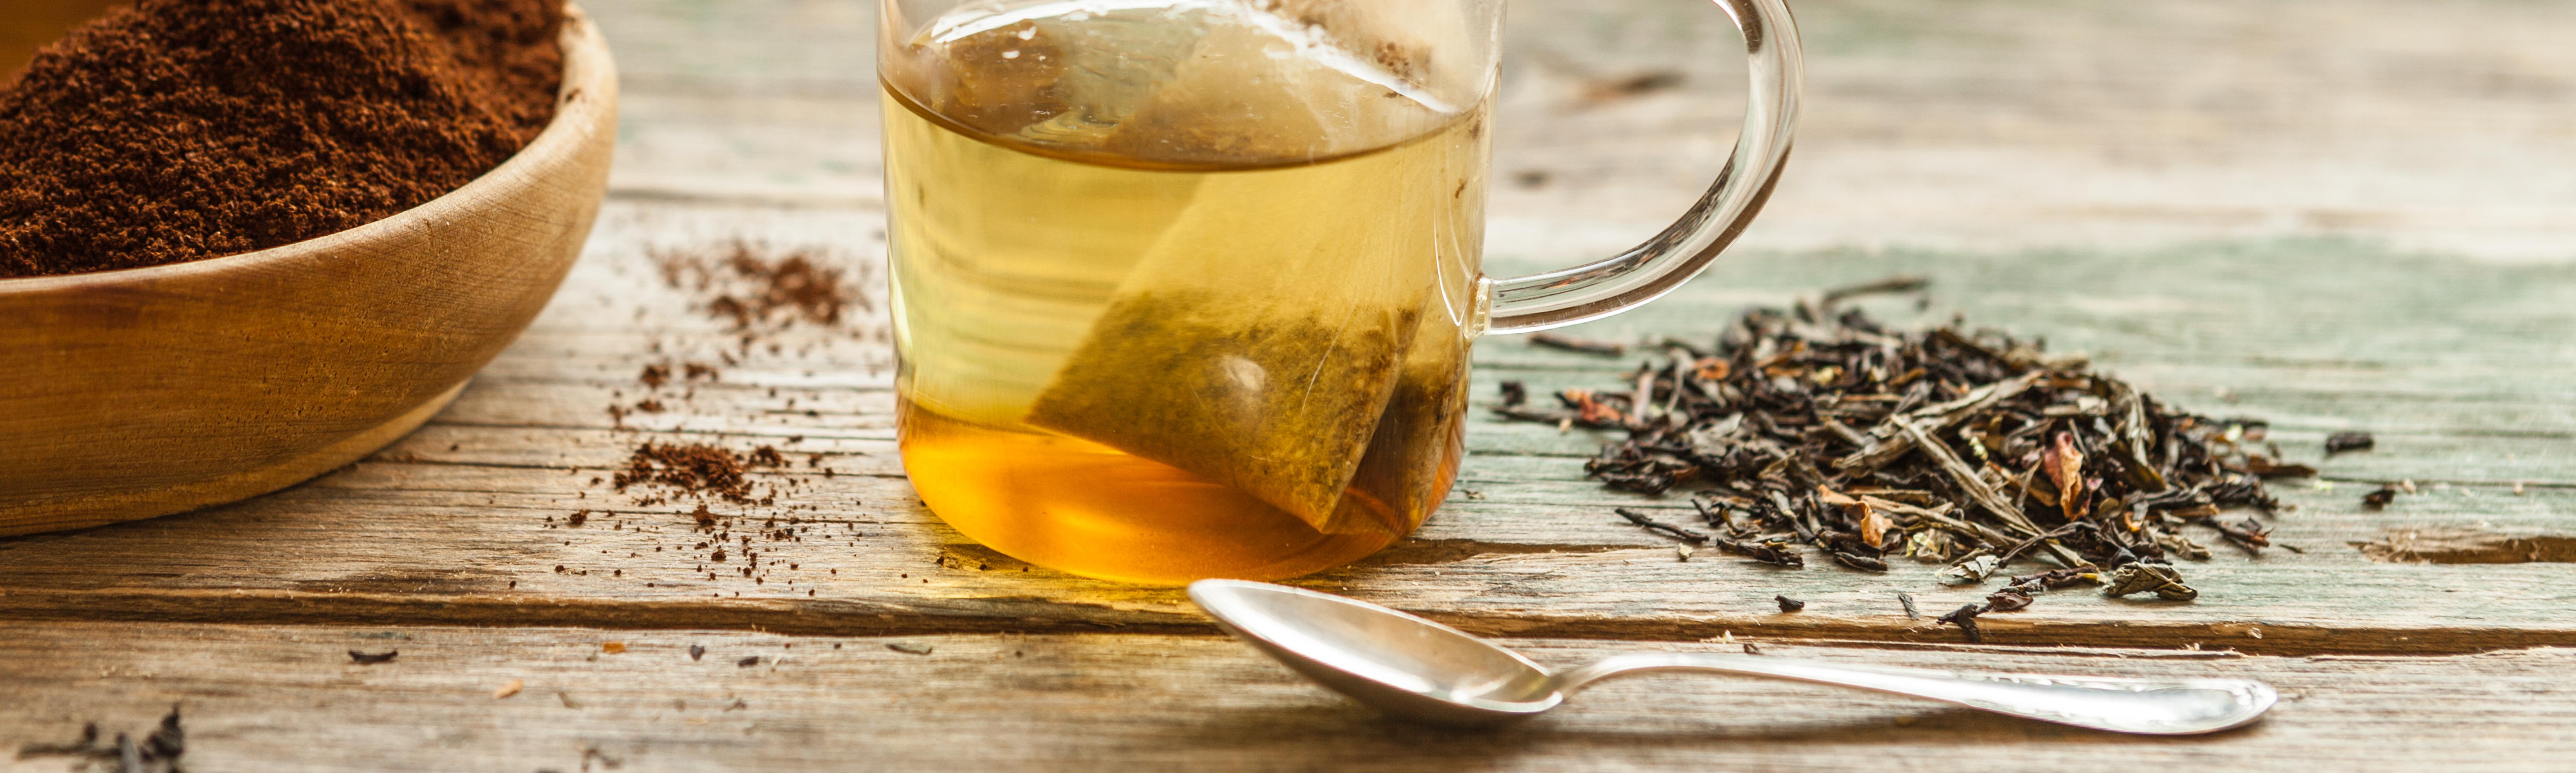 Caffè, Tè & Infusi